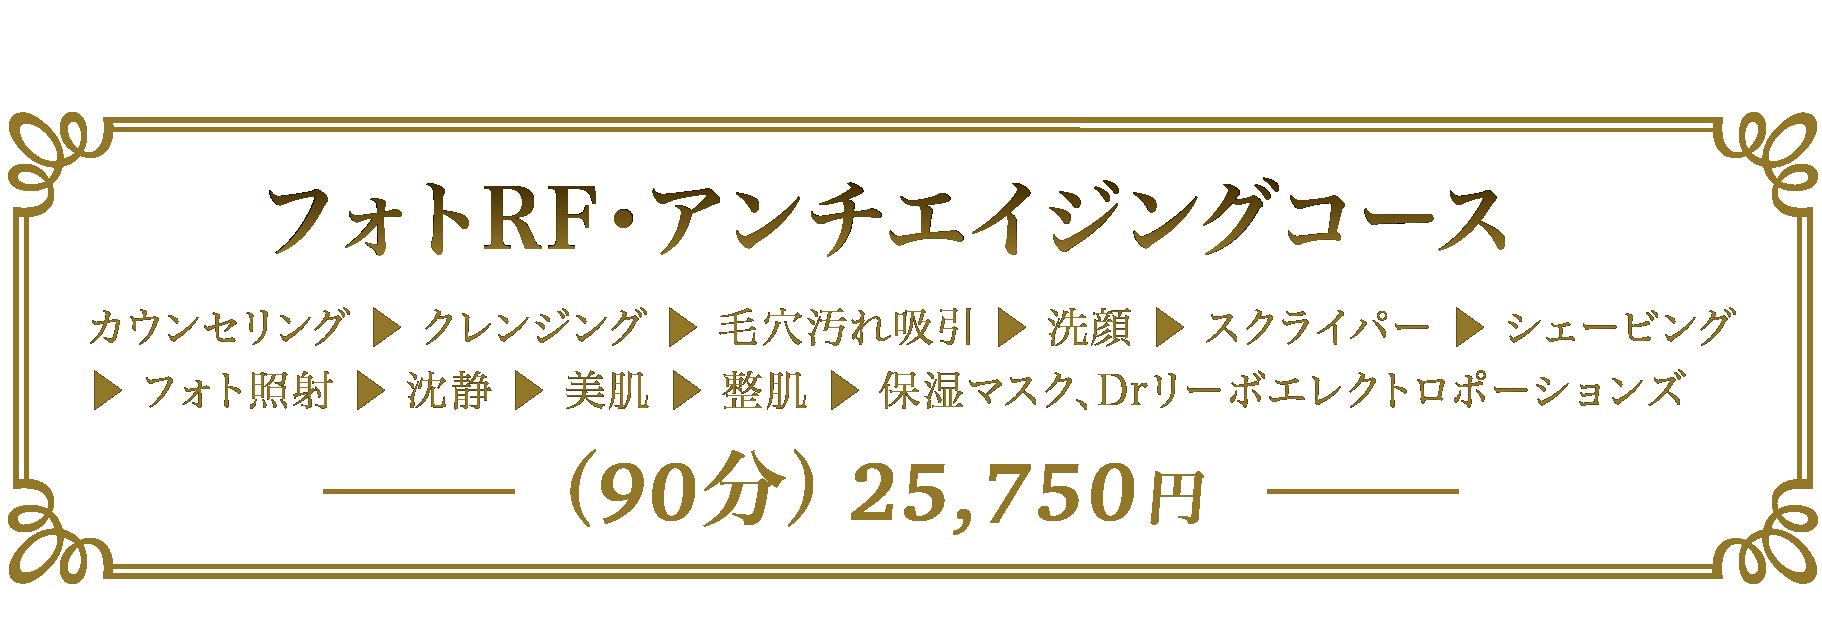 アンチエイジング下段2-01